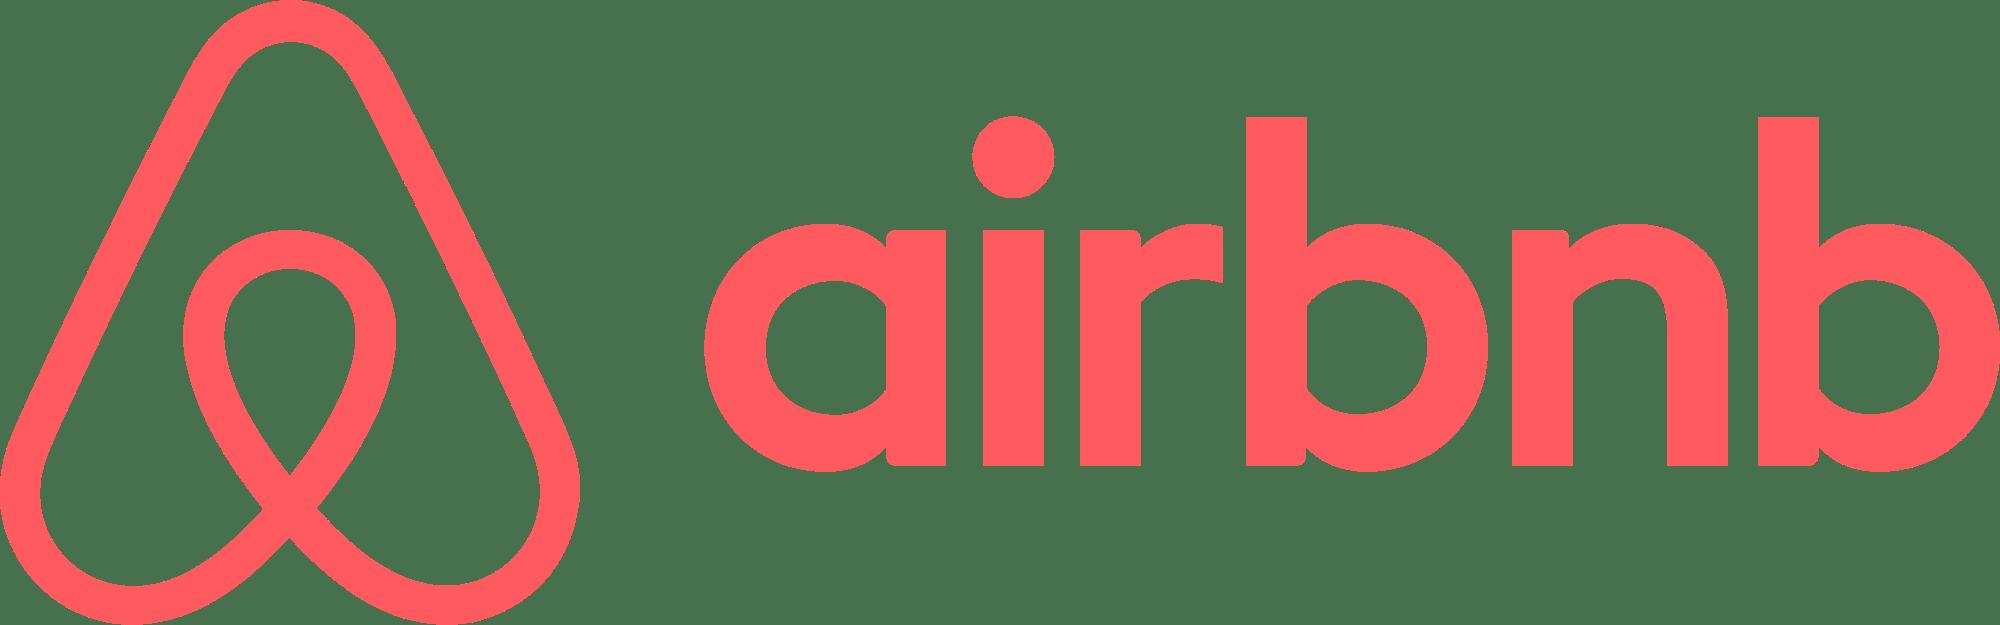 Adit Ventures - Airbnb Update